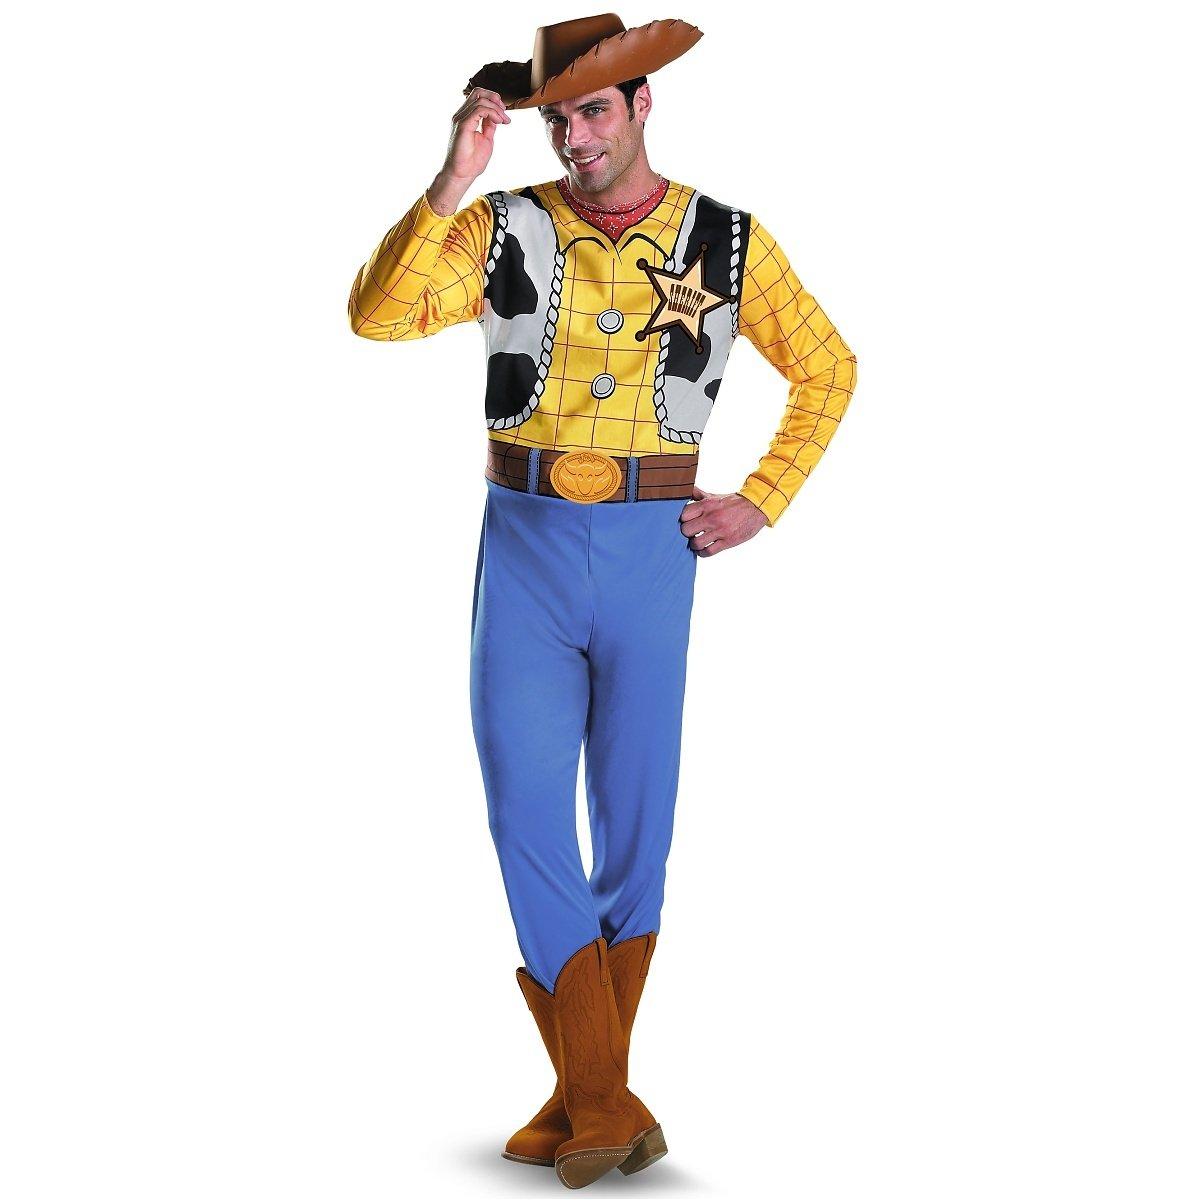 ★日本の職人技★ Disney Toy Story Story - - Disney Woody Classic Adult Costume ディズニートイストーリー - ウッディクラシック大人用コスチュームハロウィンサイズ:X-Large (42-46) B0040Z7YXW, CORUNDUM:5cb4d1b5 --- a0267596.xsph.ru